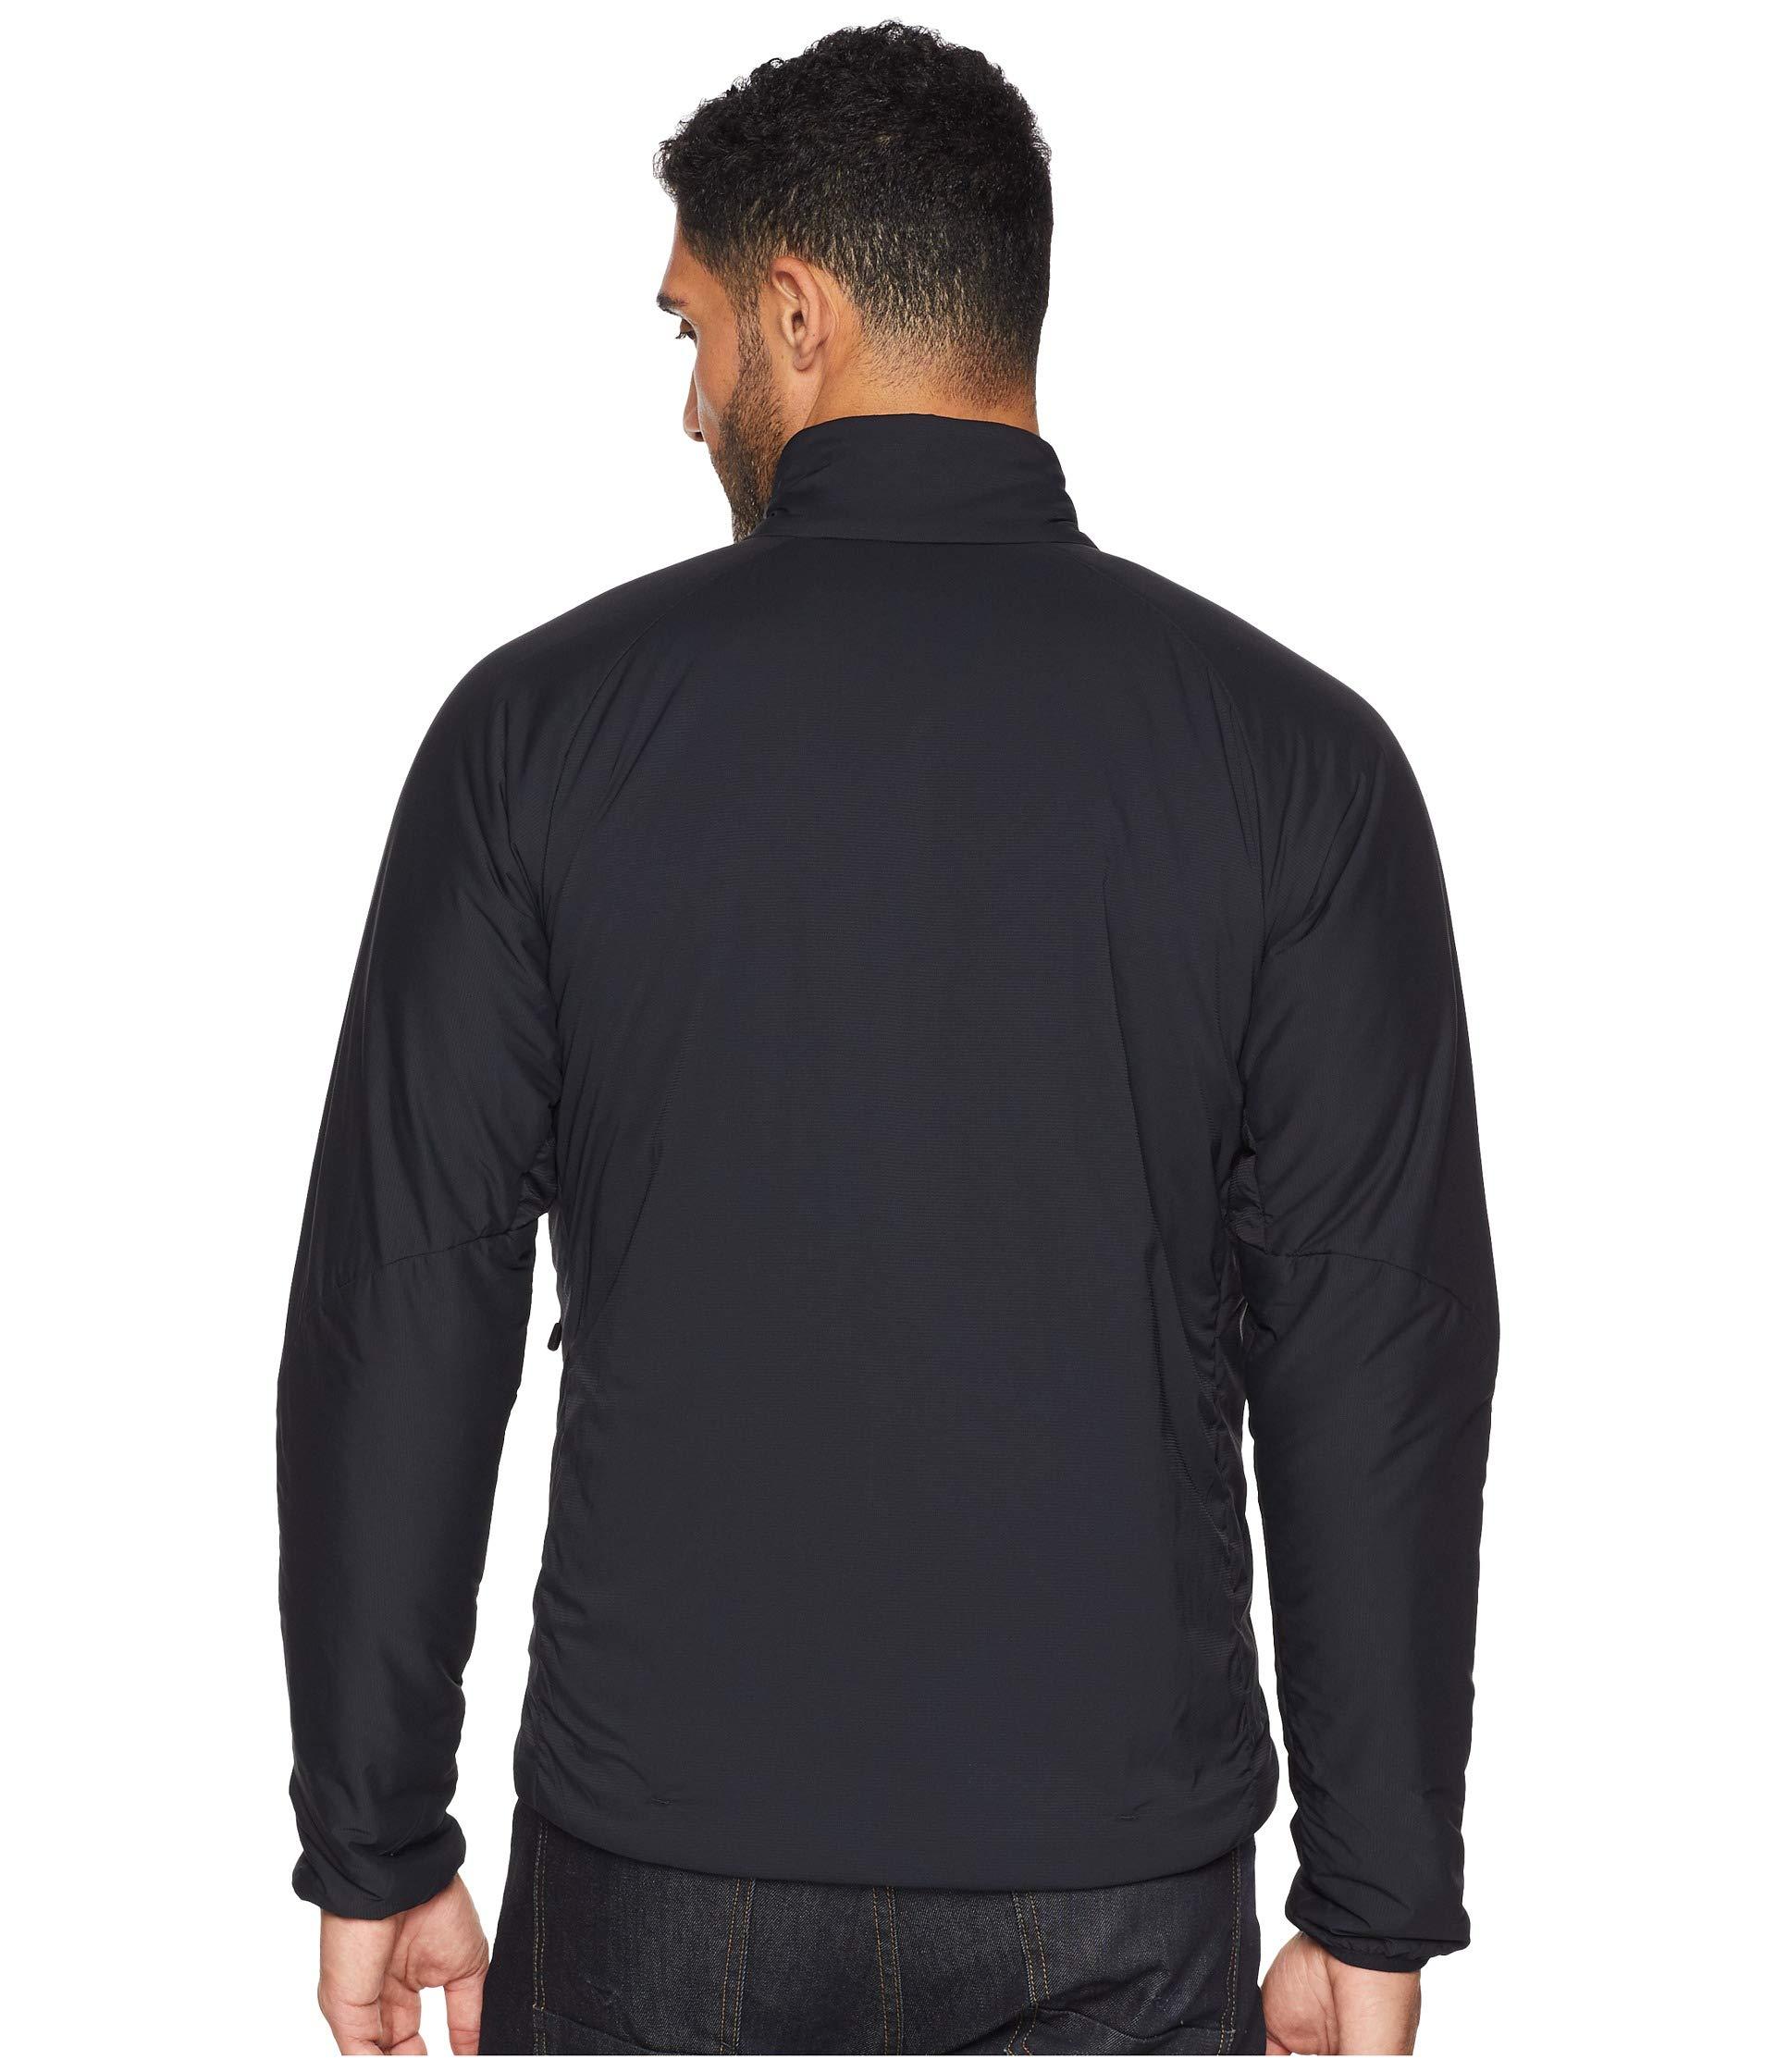 Mountain Kor™ Hardwear Hardwear Black Hardwear Mountain Black Kor™ Jacket Mountain Jacket 4Ua4Pgr